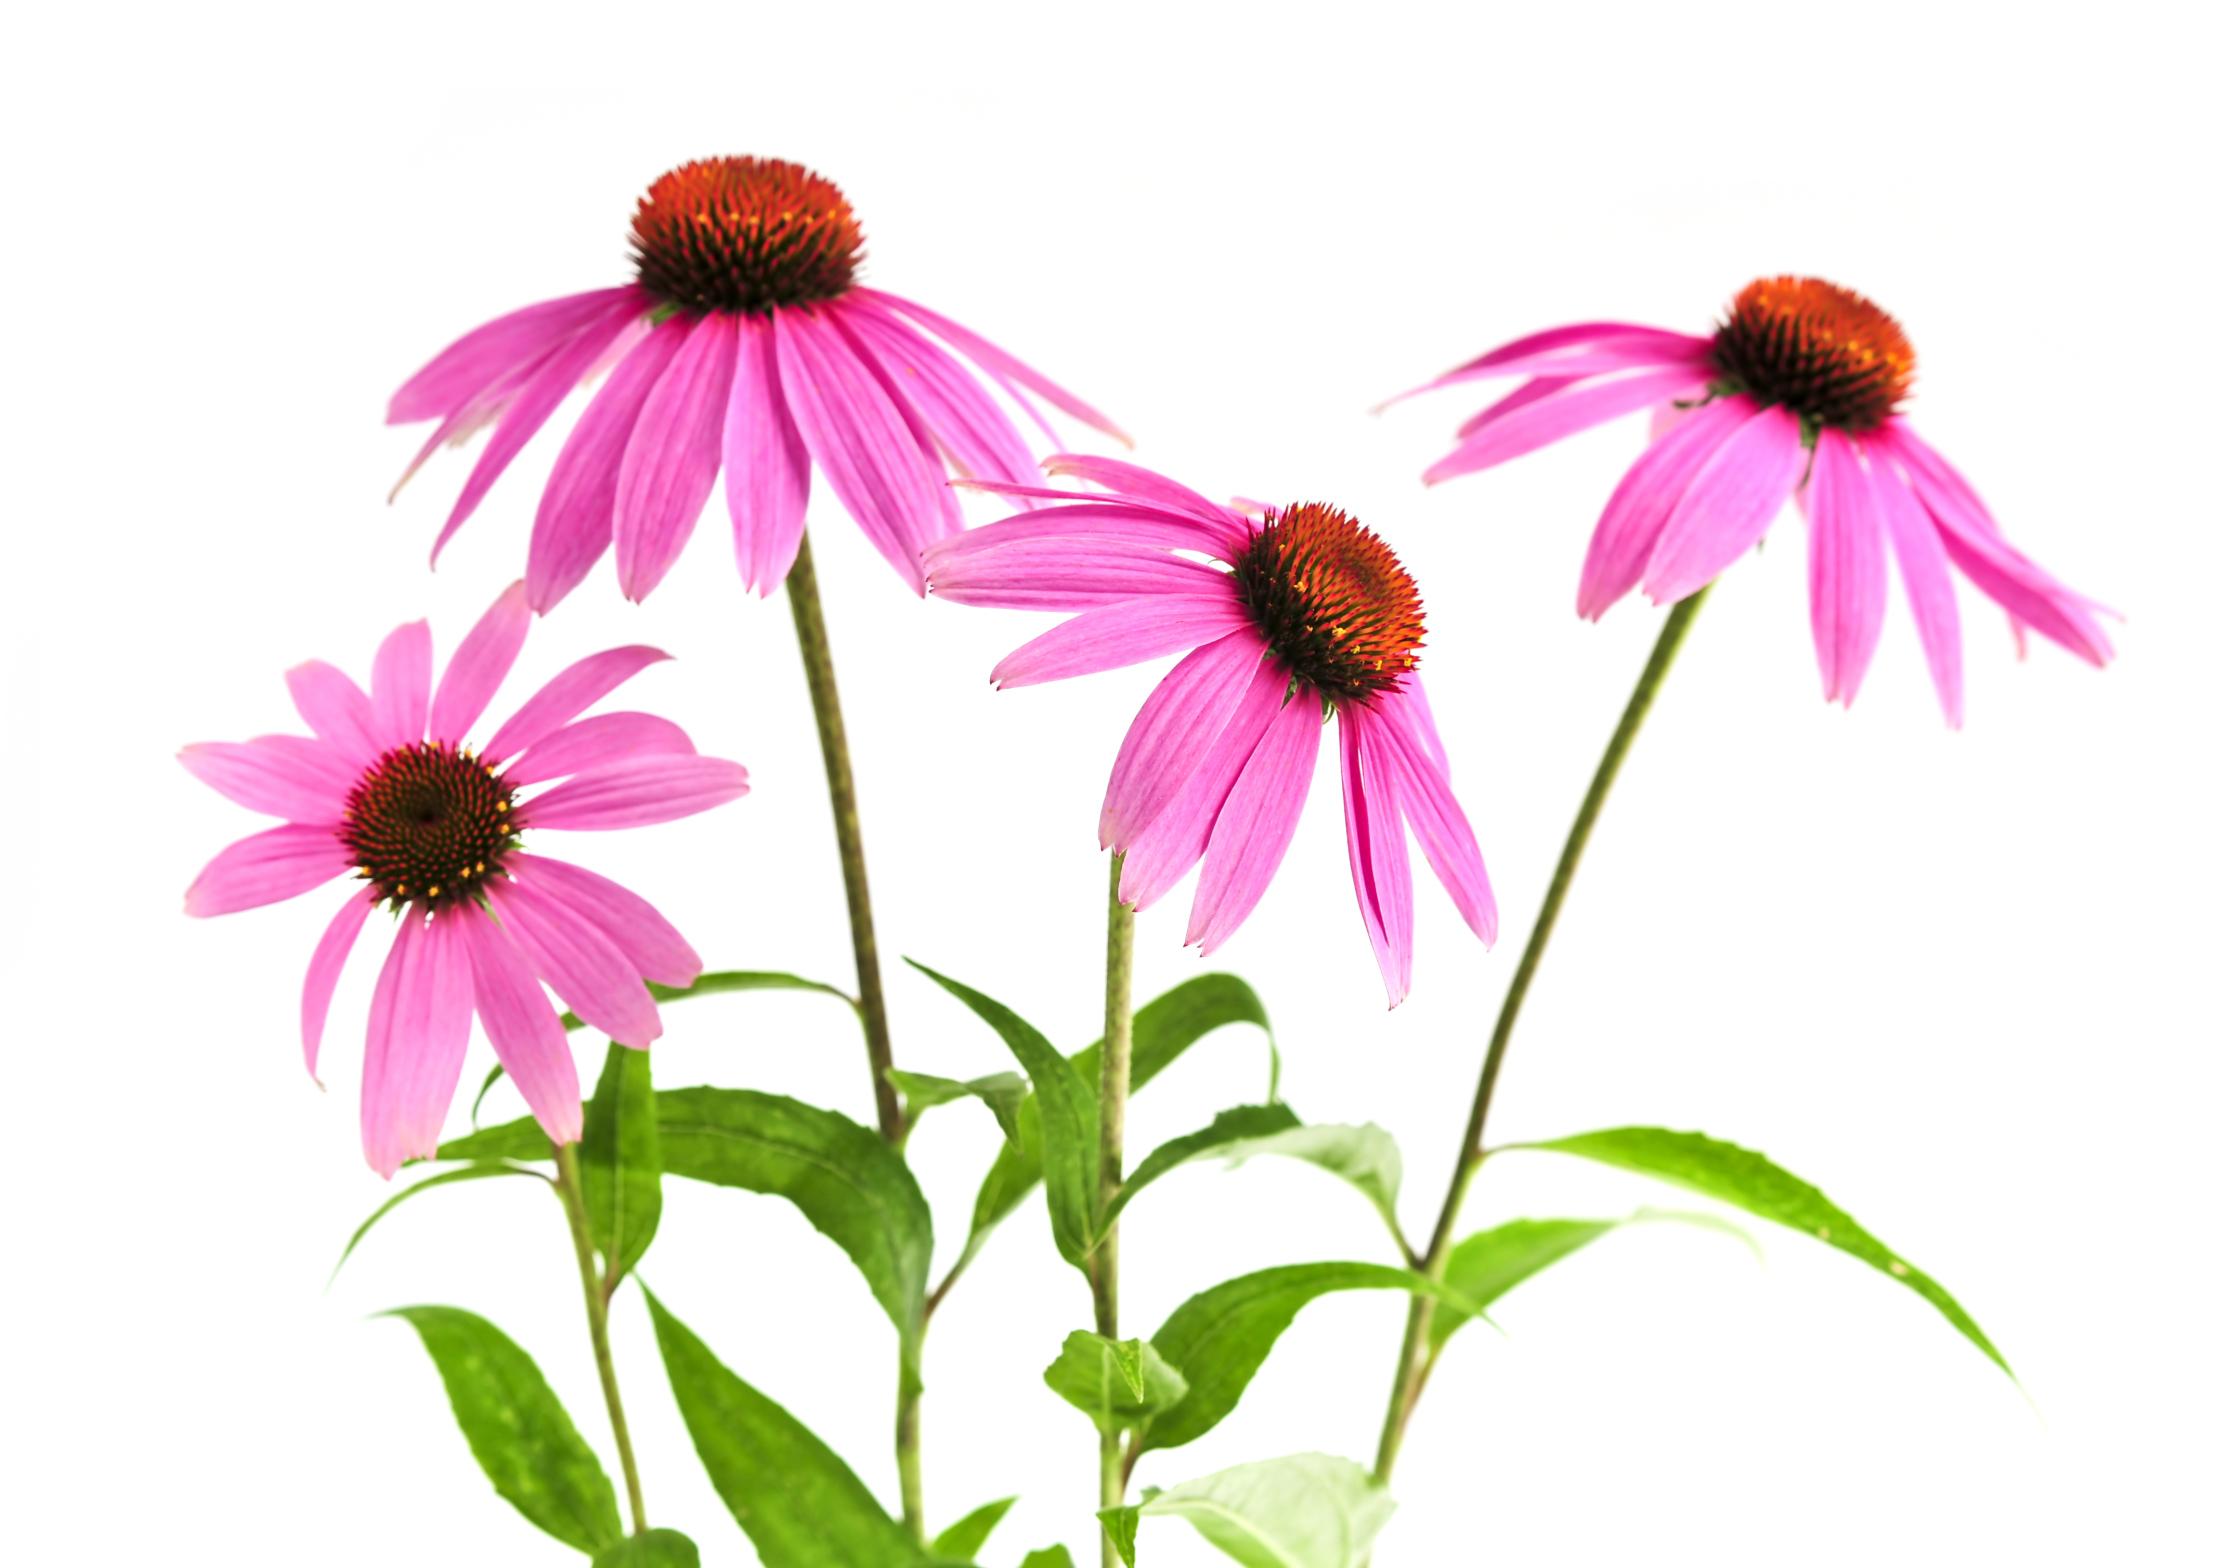 Echinacea purpurea plant.